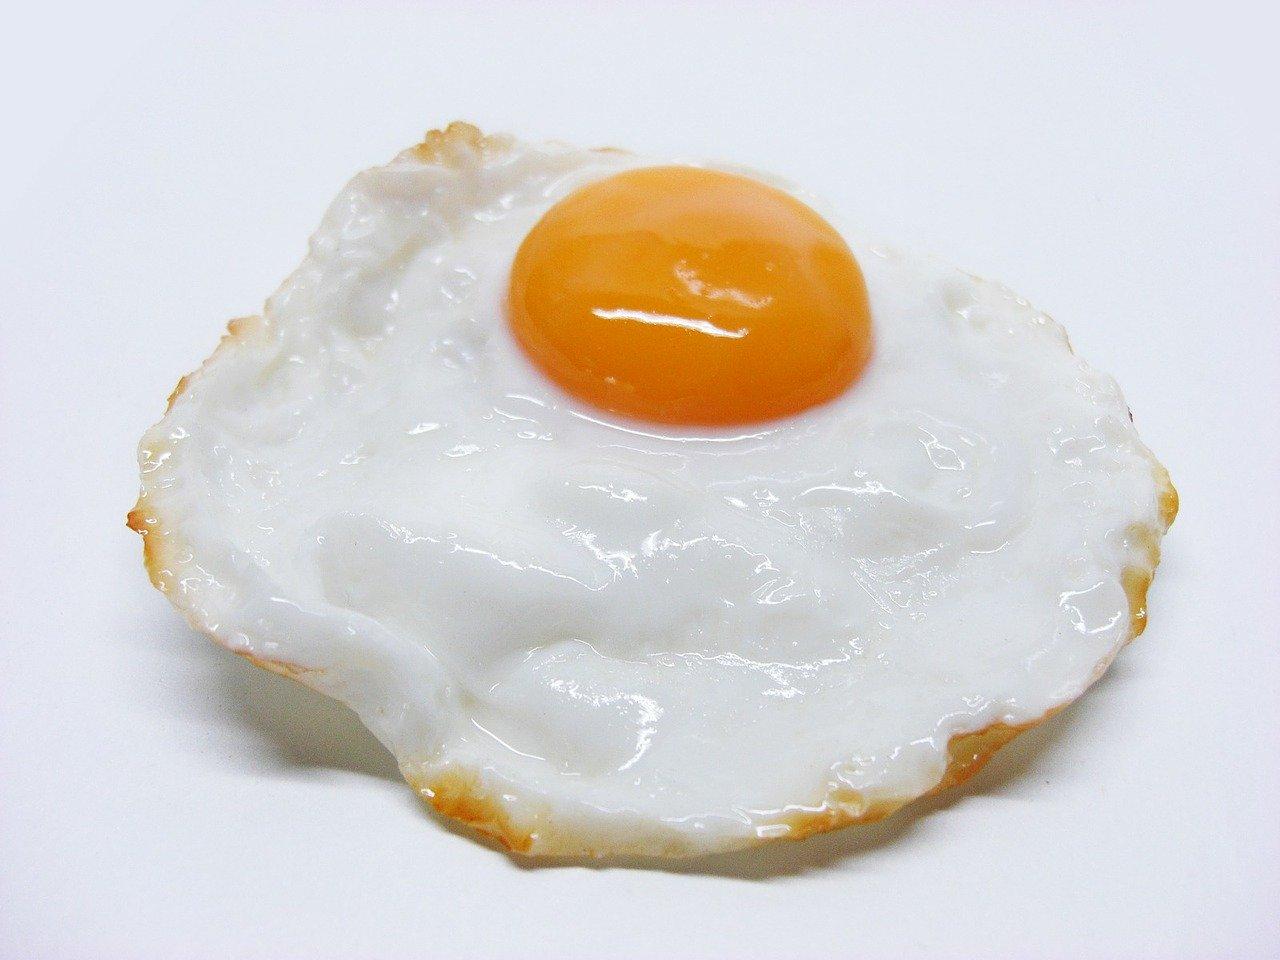 日本媽媽在煎蛋上創作卡通人物 超級卡哇伊